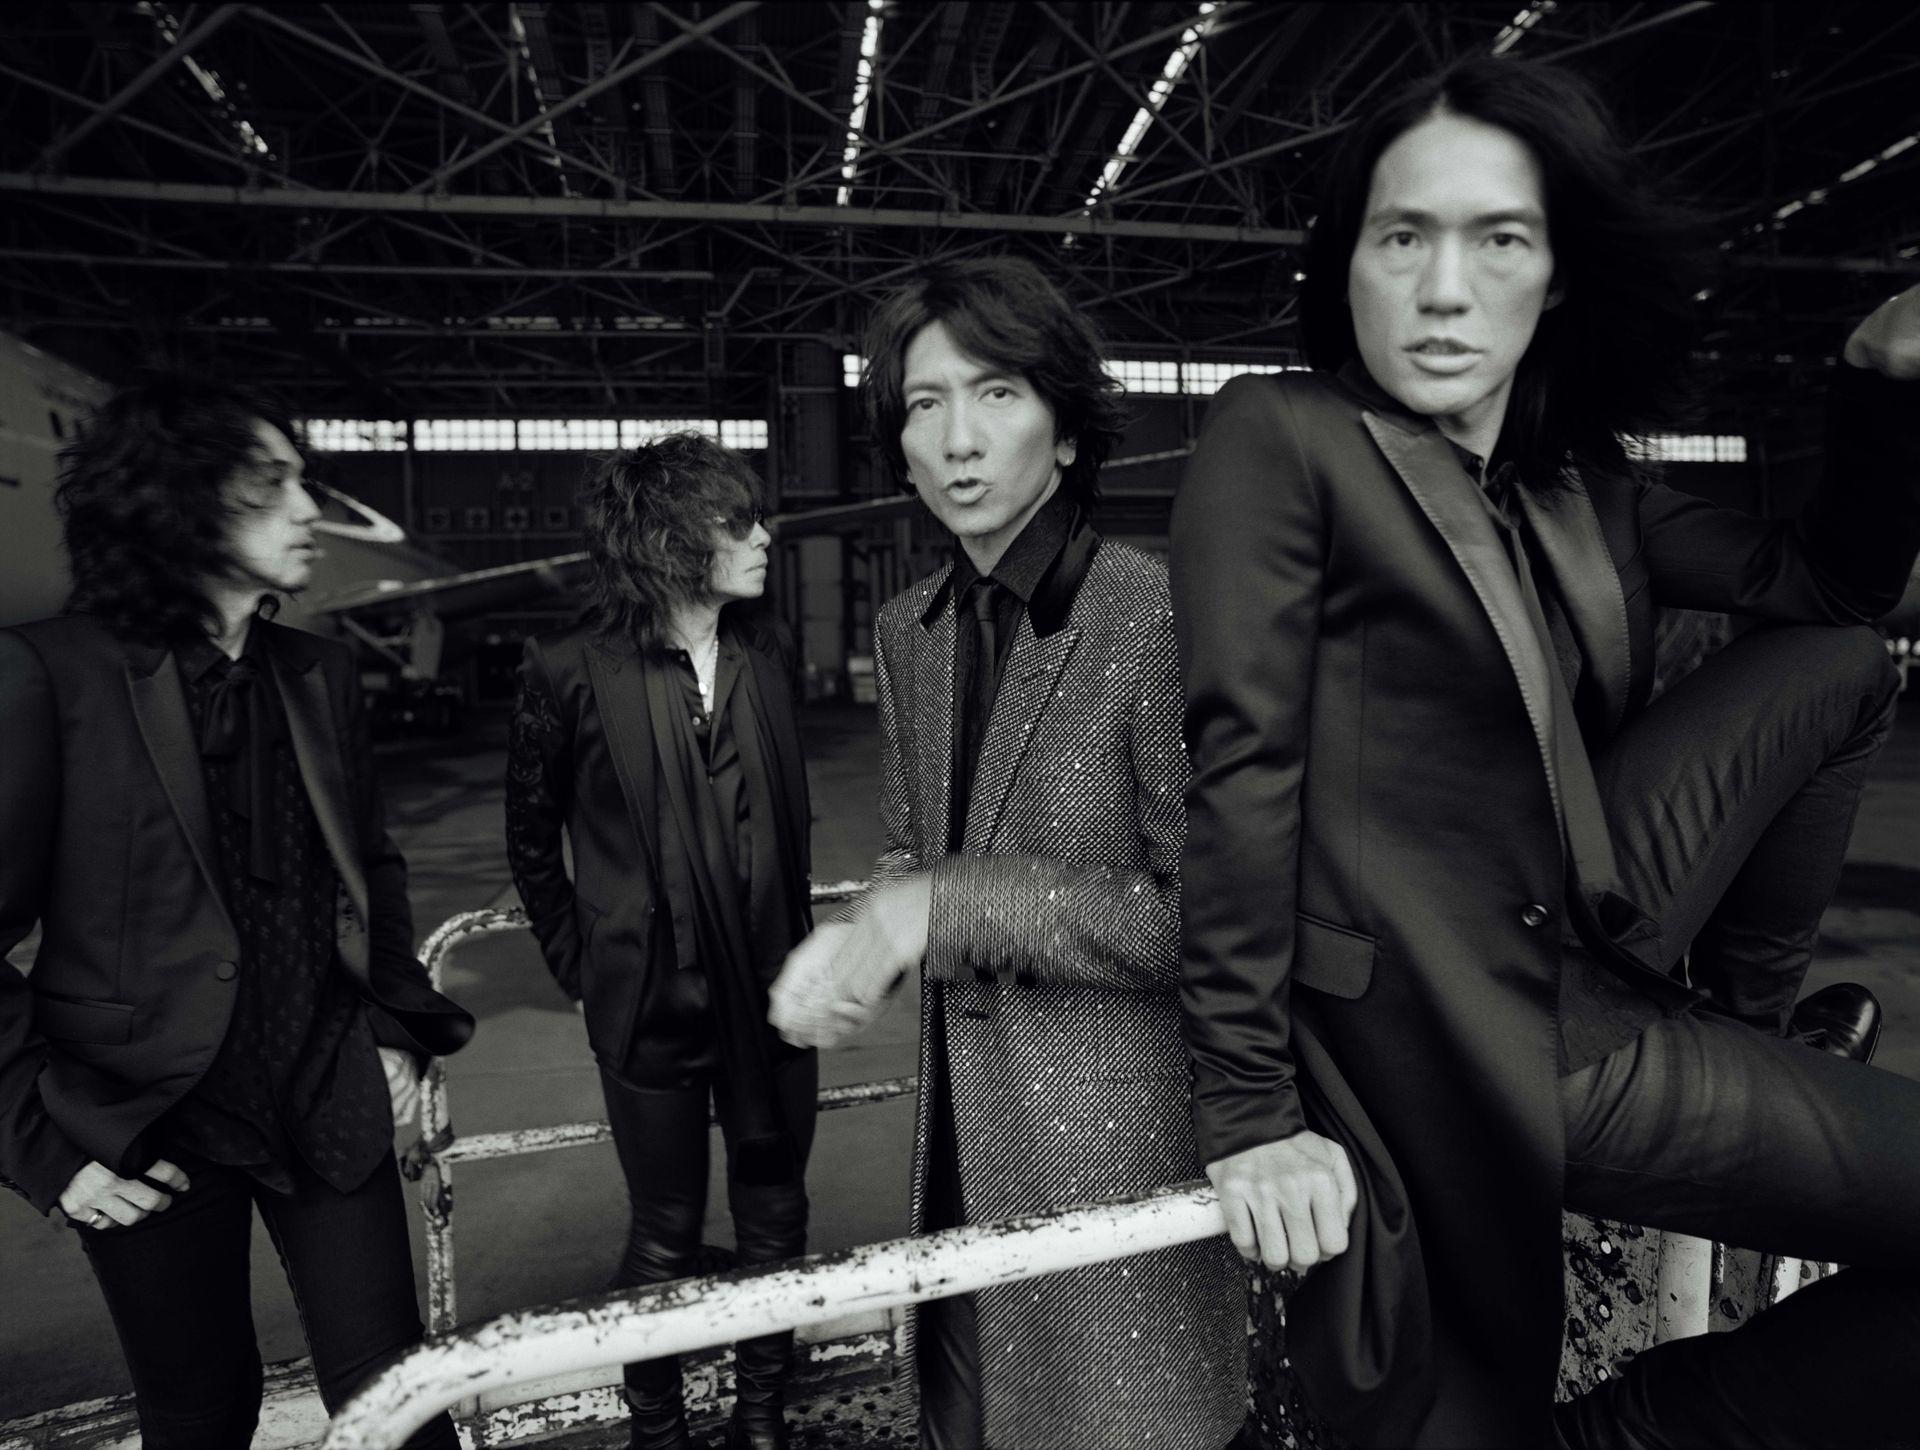 「Horizon」は、THE YELLOW MONKEYドキュメンタリー映画「オトトキ」主題歌として書き下ろされた楽曲。ギターの菊地英昭さんが作詞・作曲を担当